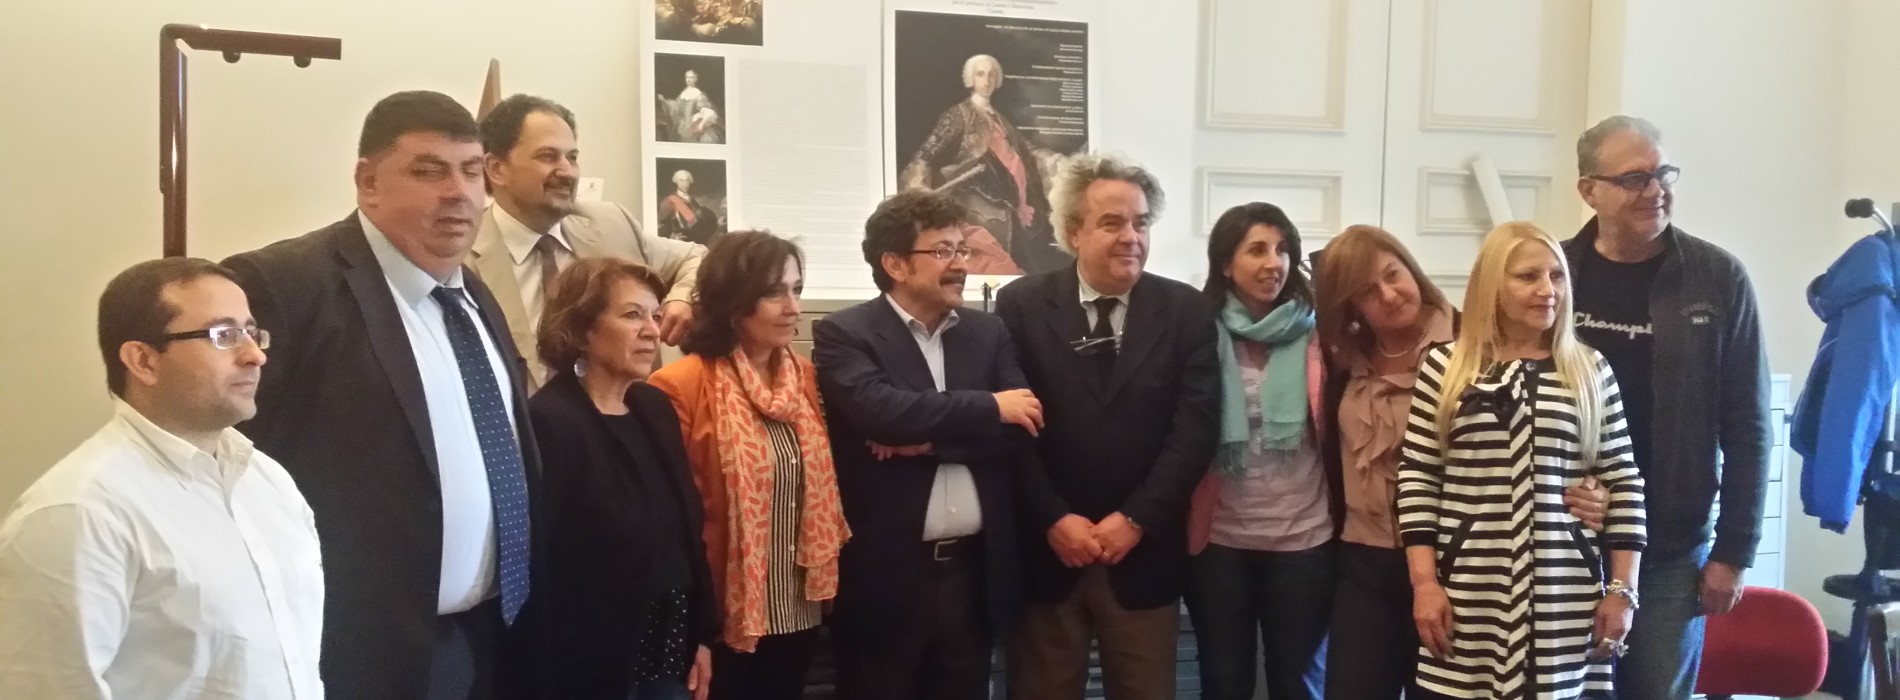 Presentato da Felicori il progetto pilota della Sun per archivio storico della Reggia di Caserta